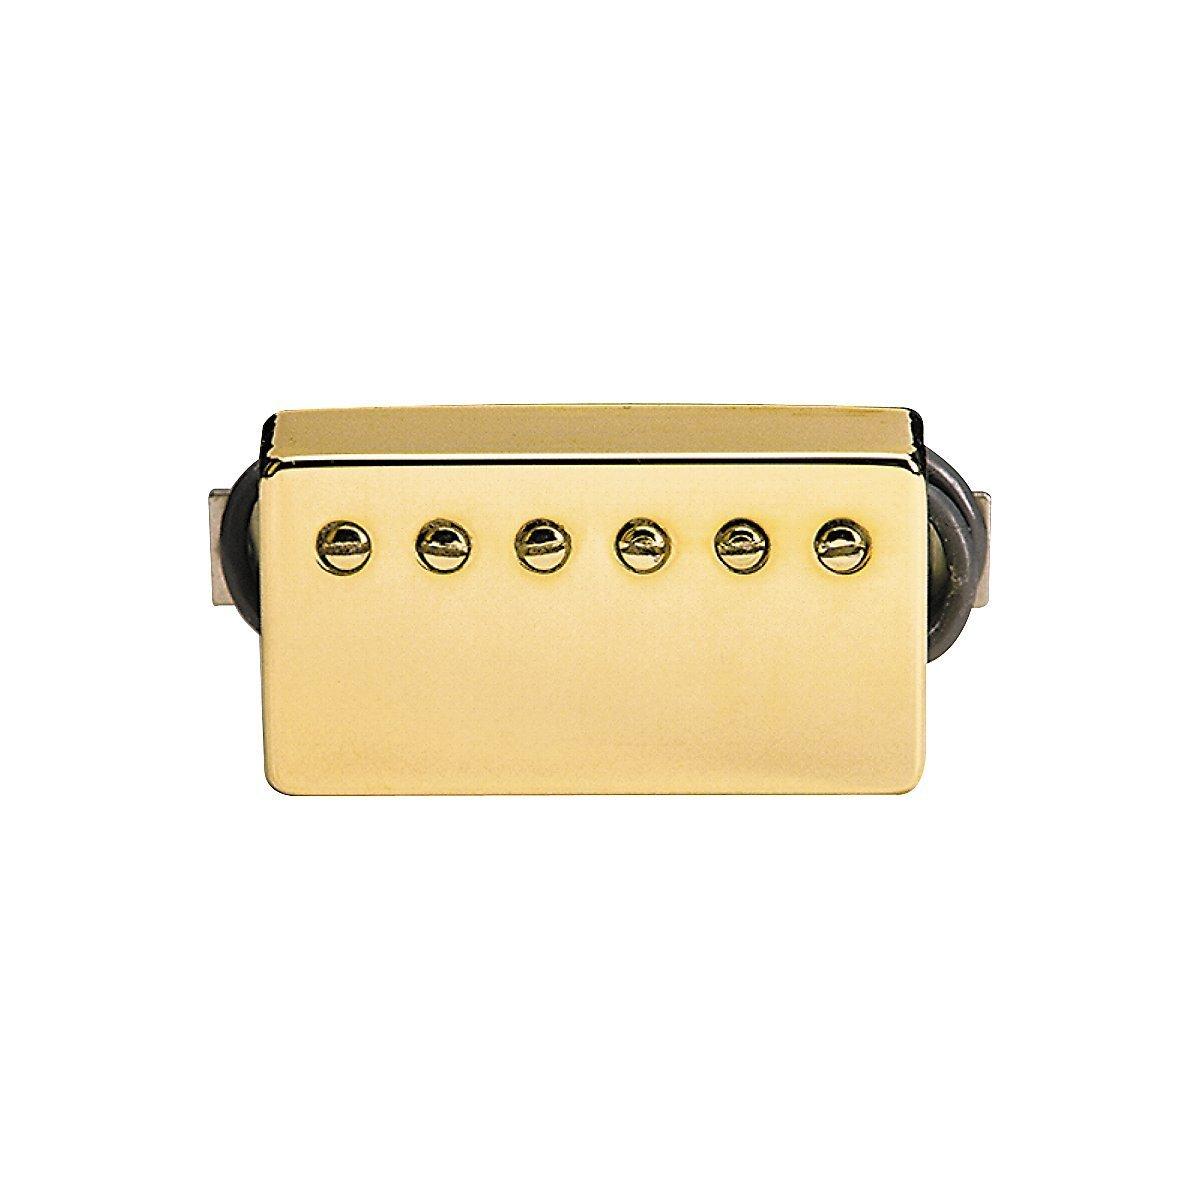 Gibson ギブソン ピックアップ ハムバッカー 57クラシックプラス リア ゴールド IM57P-GH ( IM57PGH ) B0002H0C54